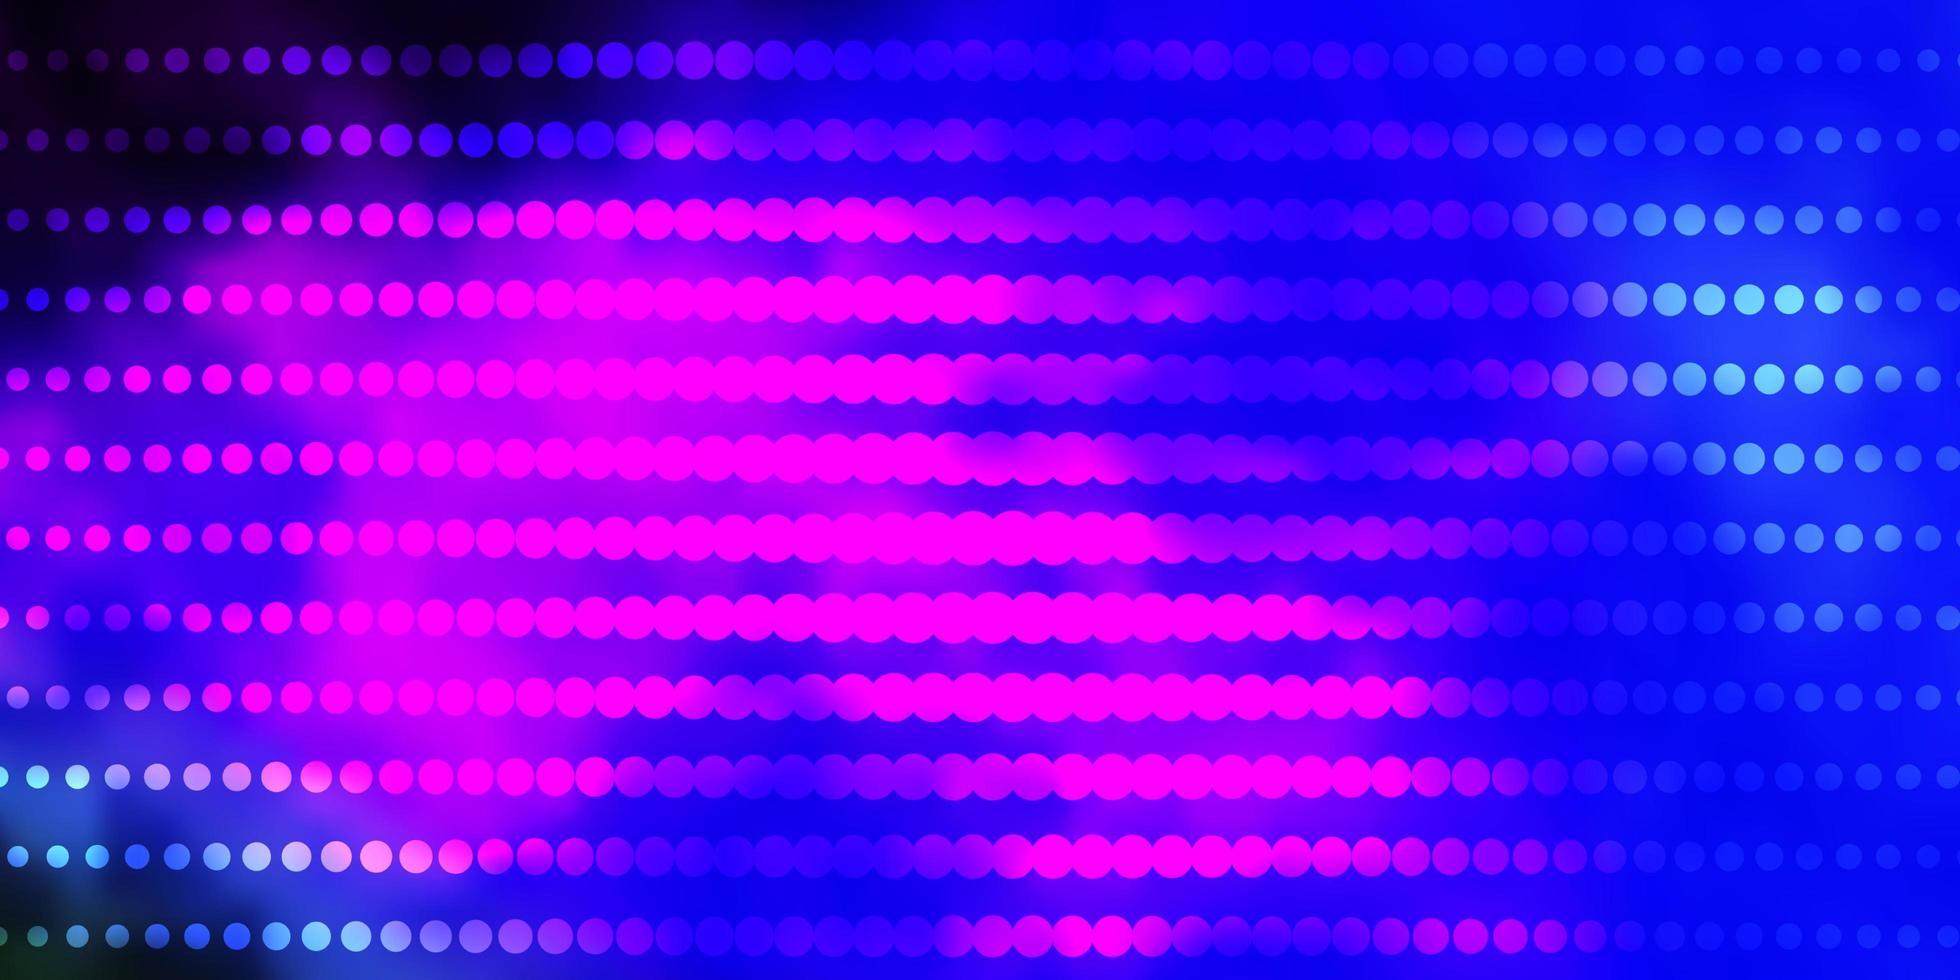 dunkle mehrfarbige Vektorschablone mit Kreisen. vektor